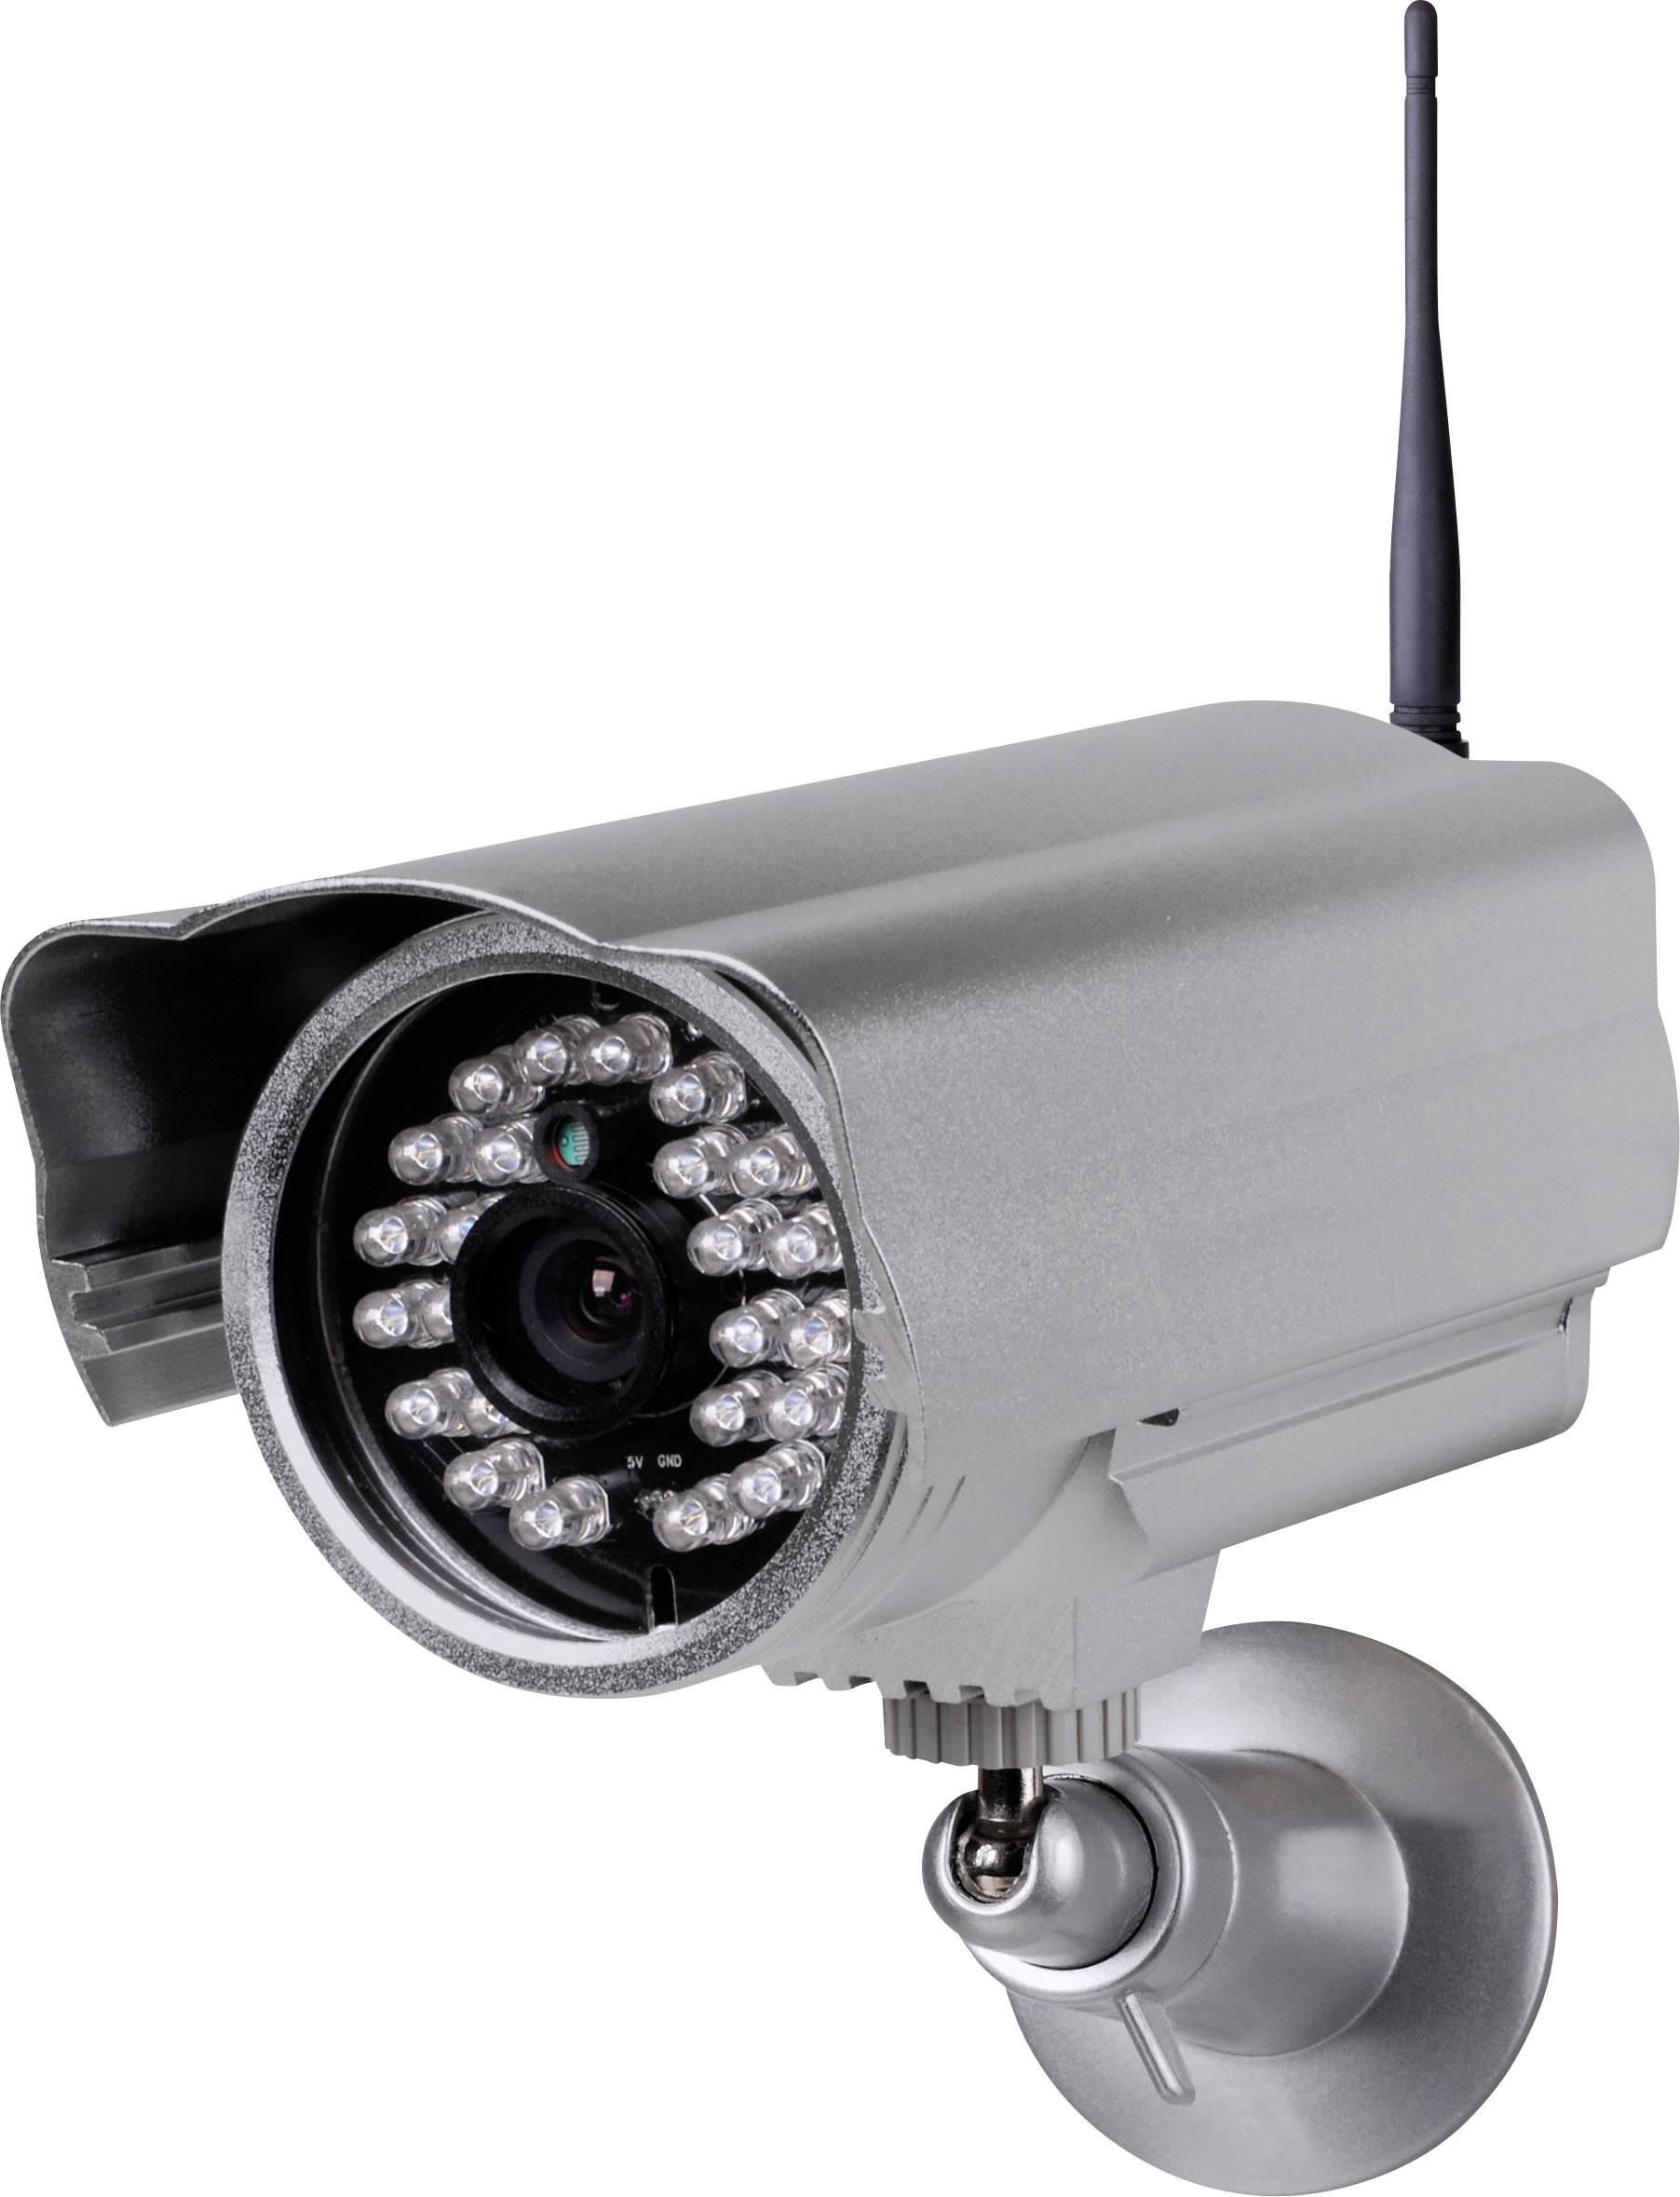 Bezpečnostná kamera Smartwares C903IP.2 SW, s Wi-Fi, 640 x 480 pix